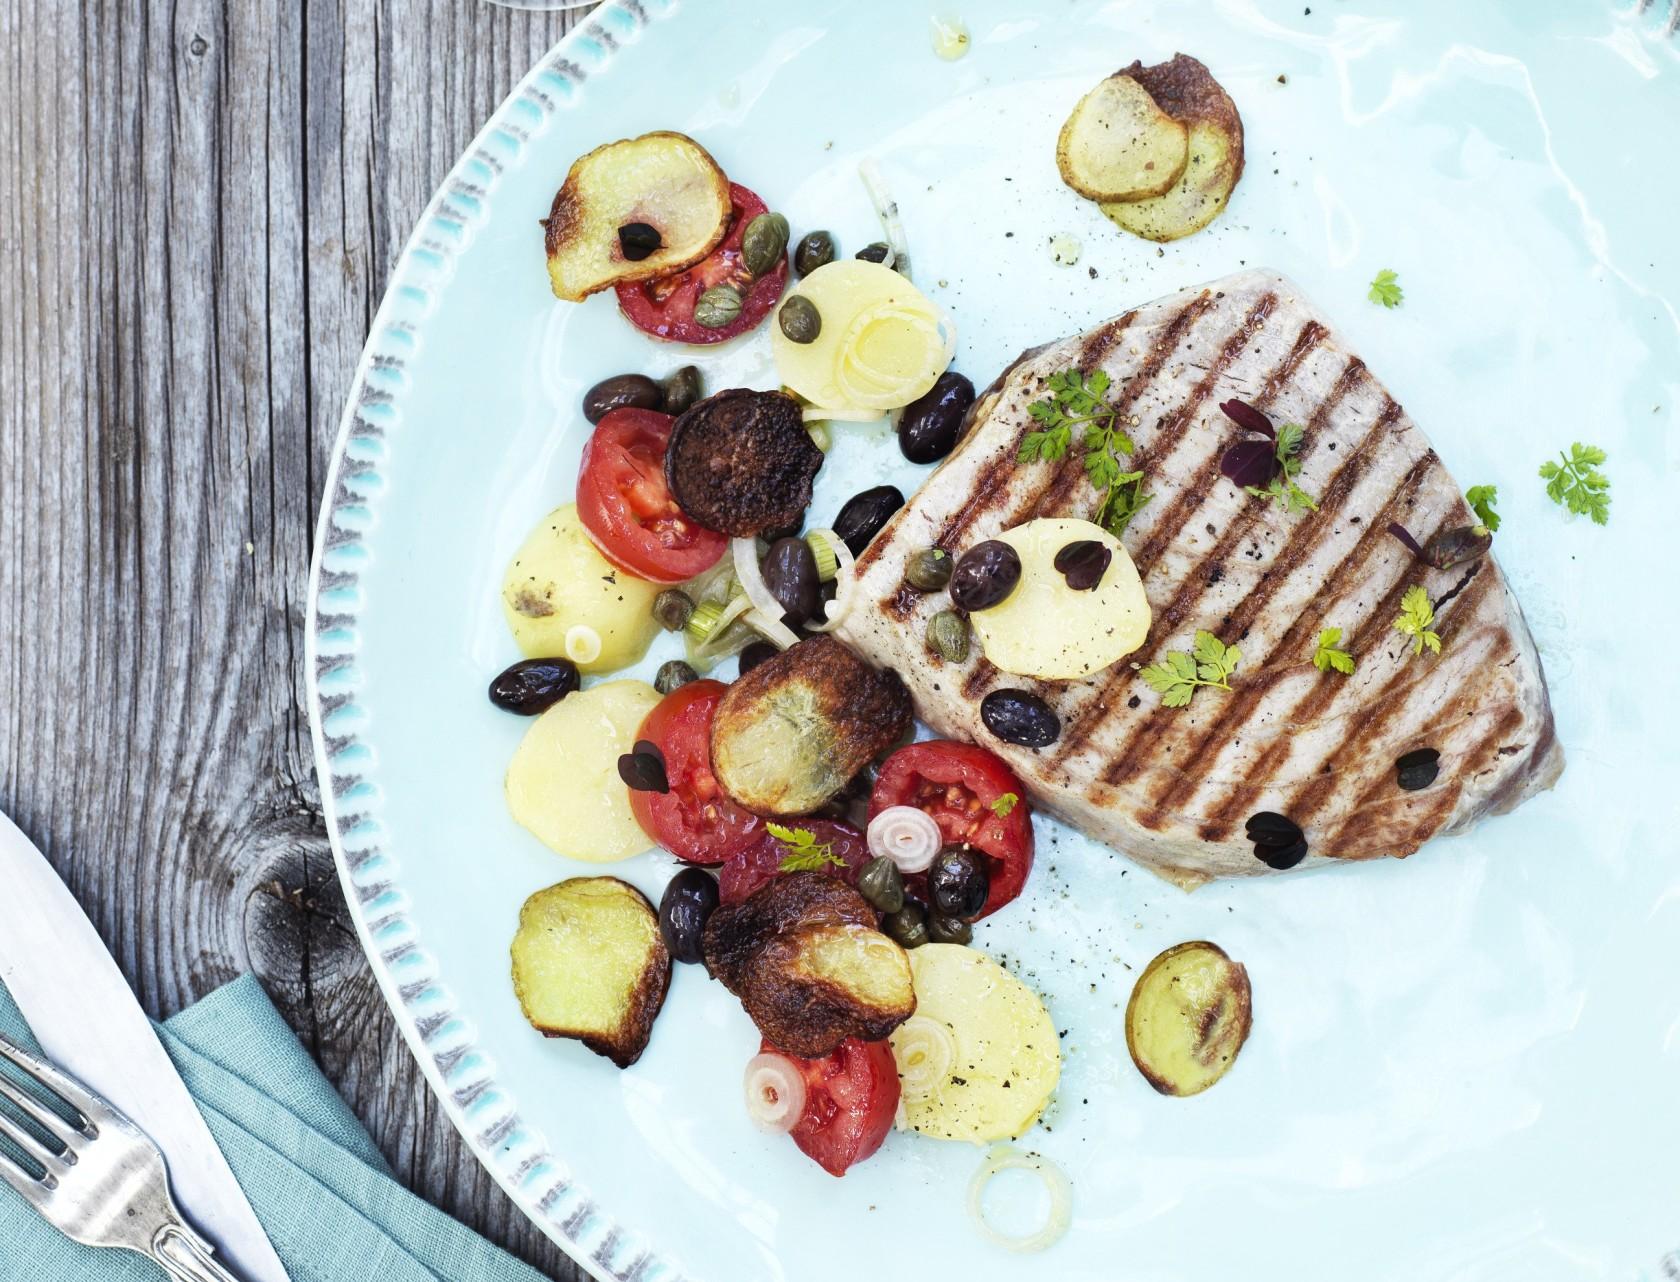 Tunbøf med sprød kartoffelsalat, tomater og oliven - god opskrift på aftensmad.